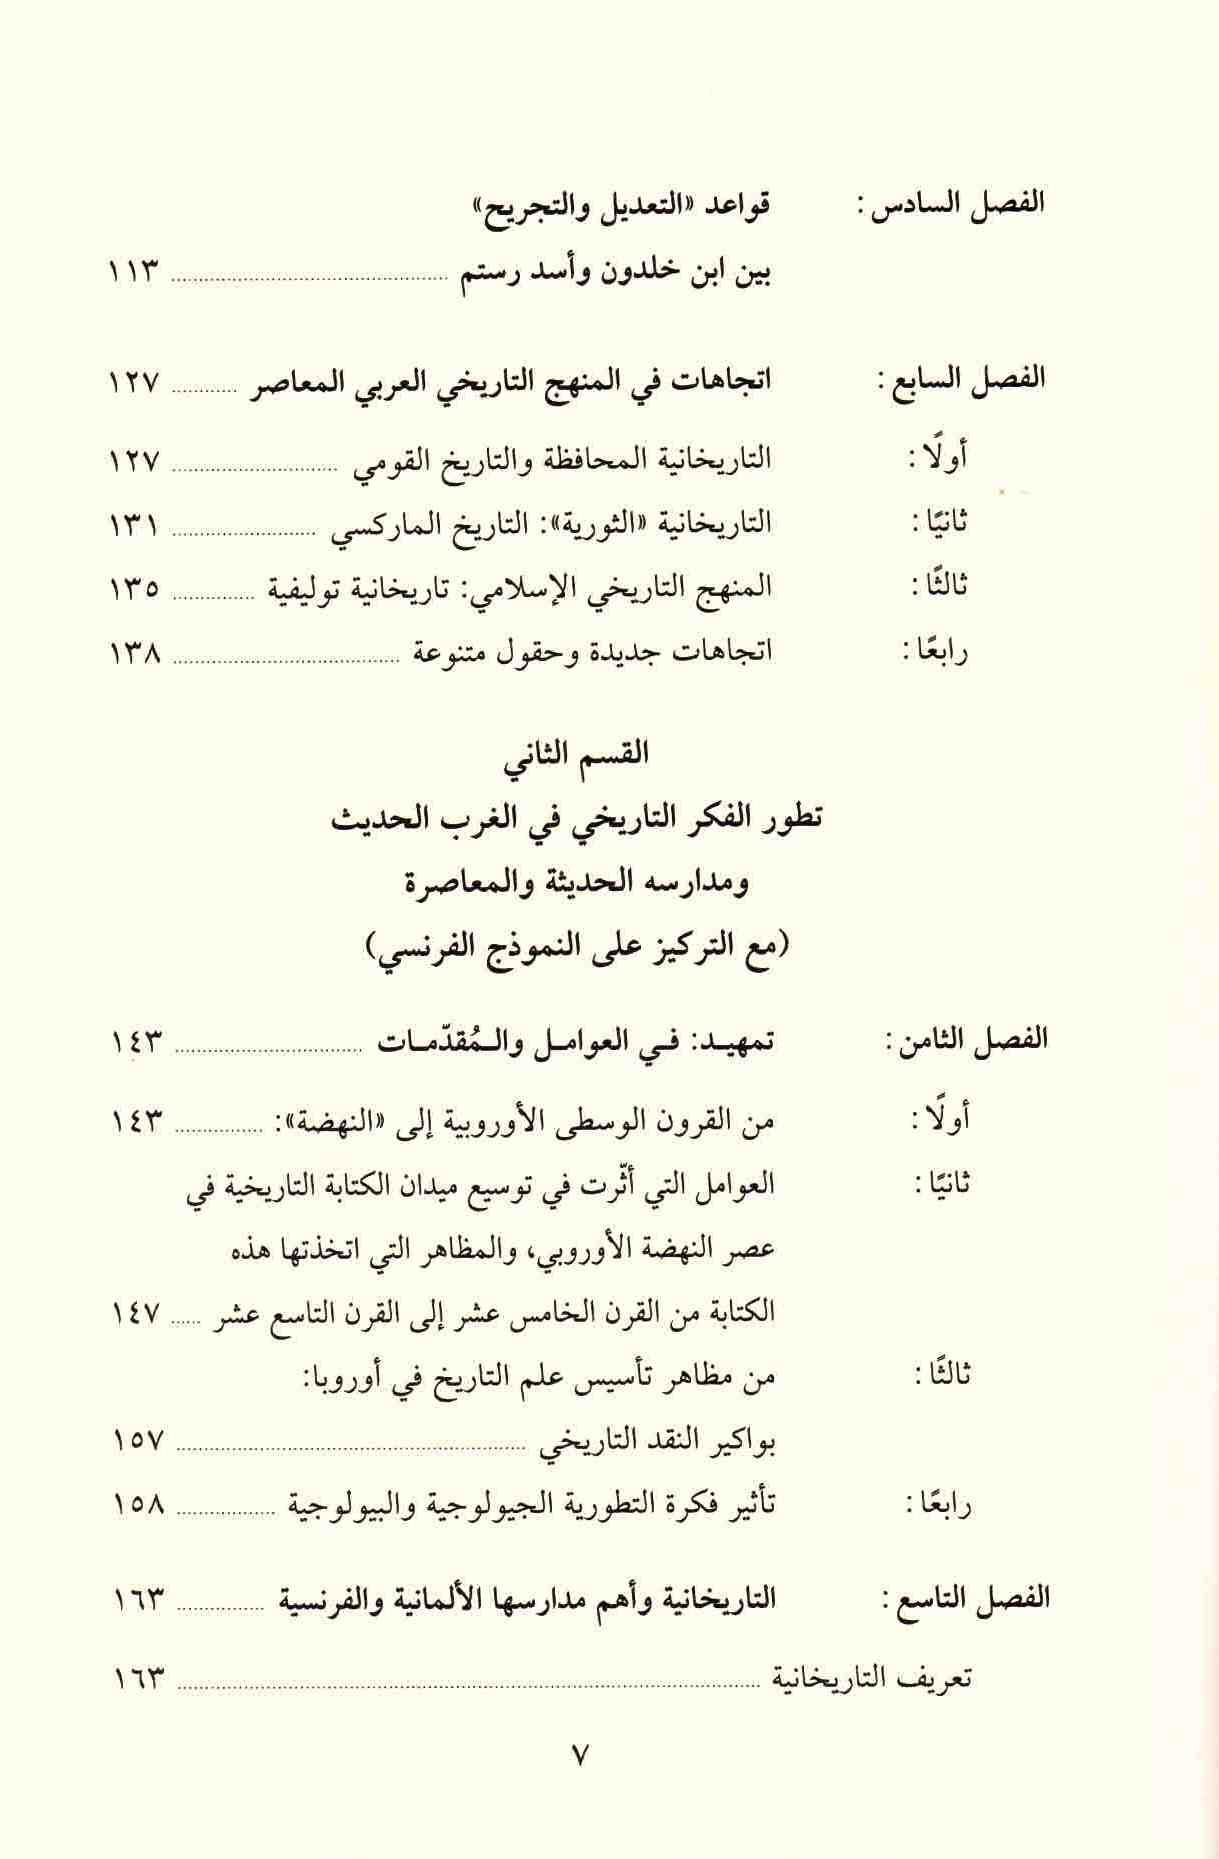 ص 7 محتويات كتاب تاريخ التأريخ